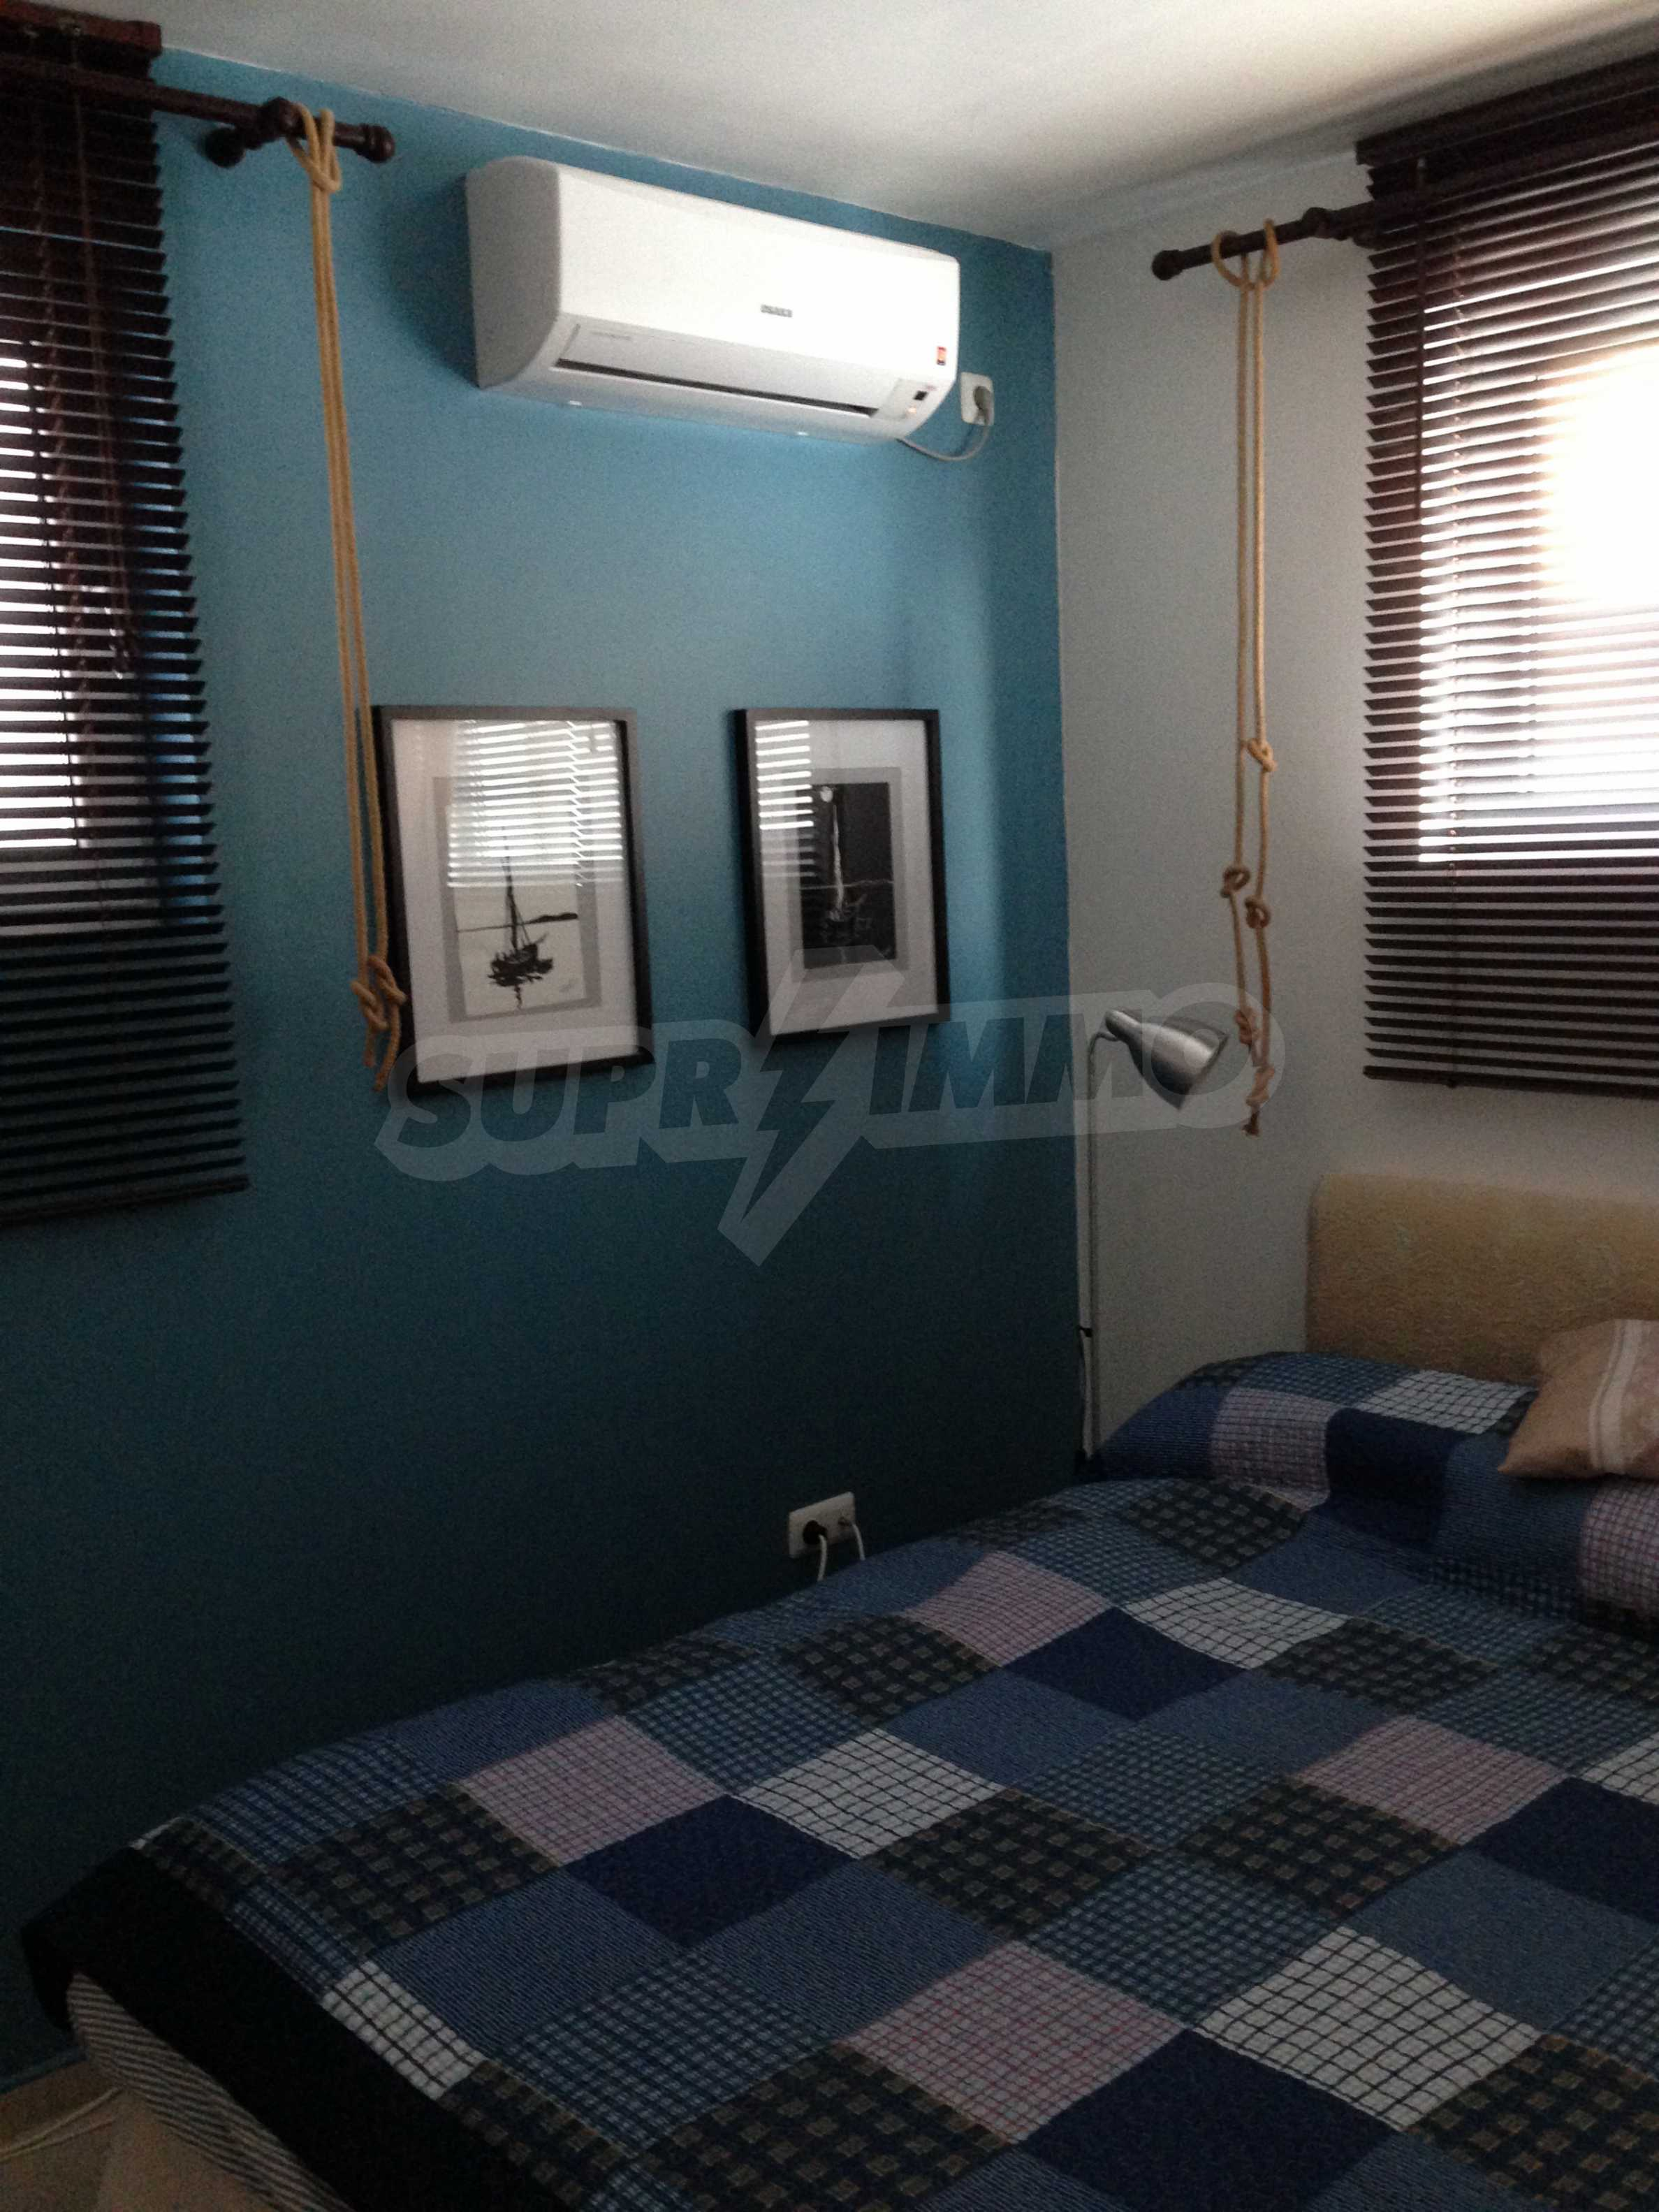 Apartment mit 1 Schlafzimmer in der Nähe von Sonnenstrand 5